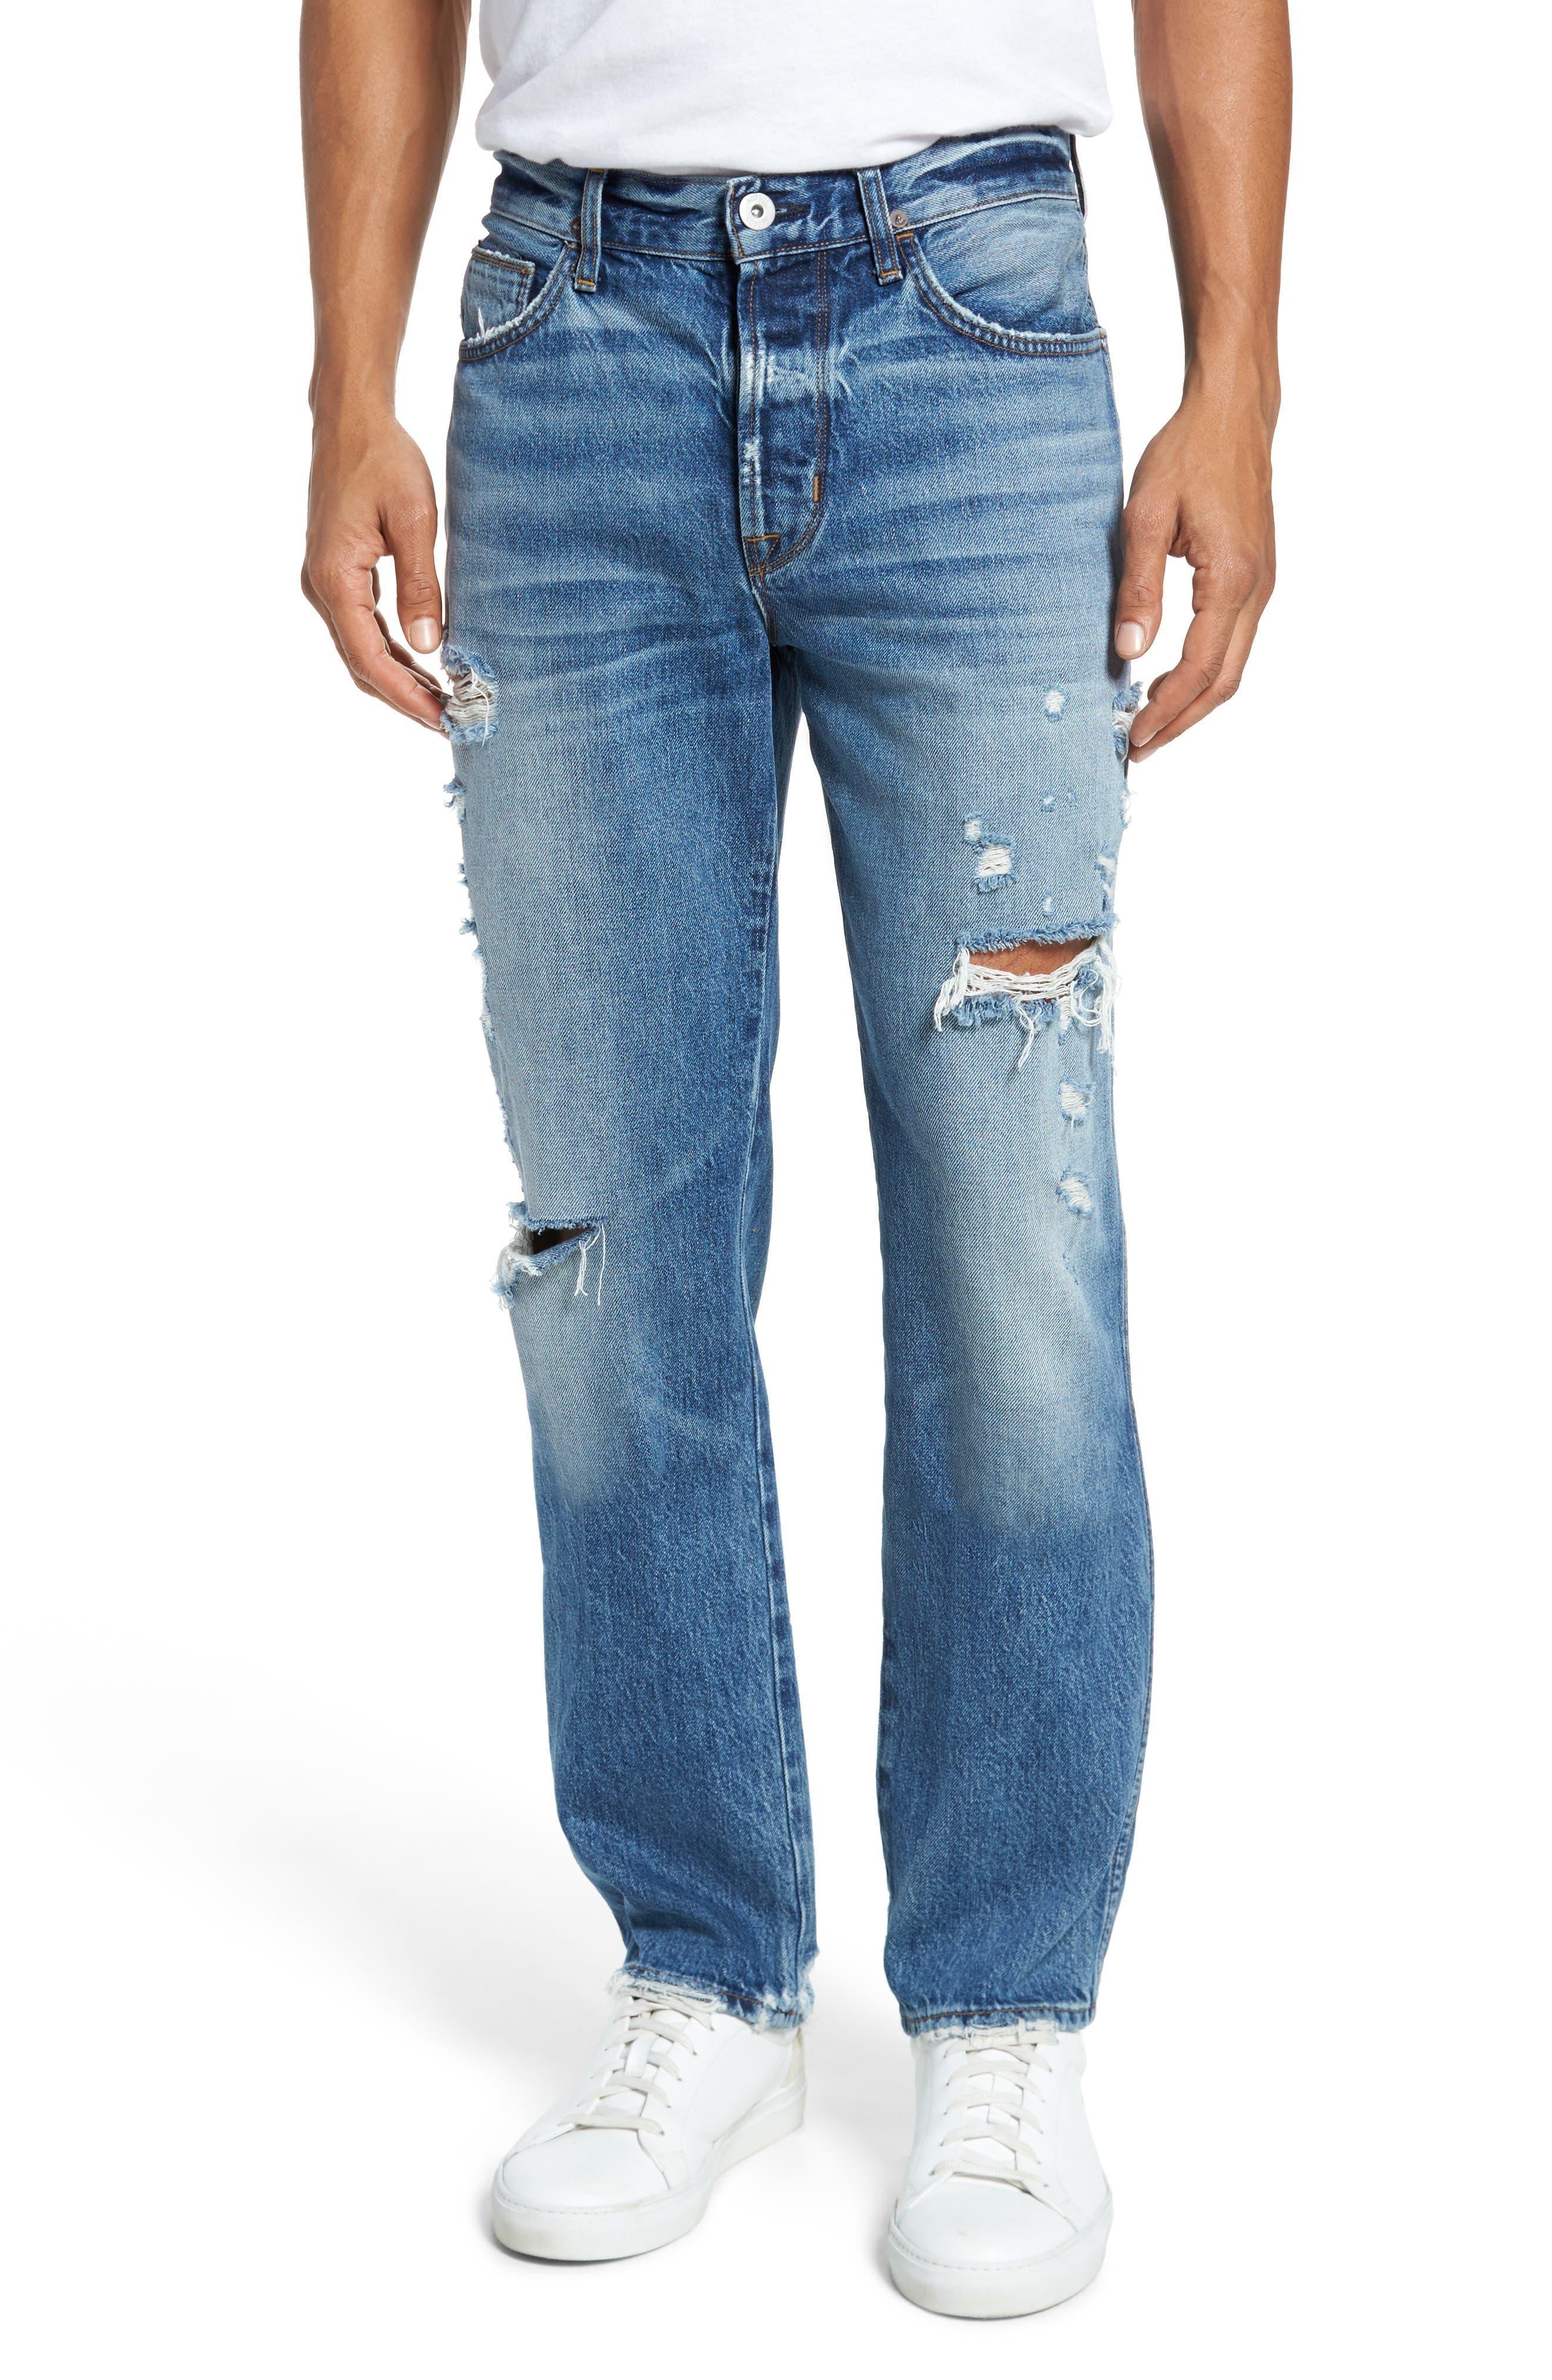 Dixon Straight Fit Jeans,                         Main,                         color, 450